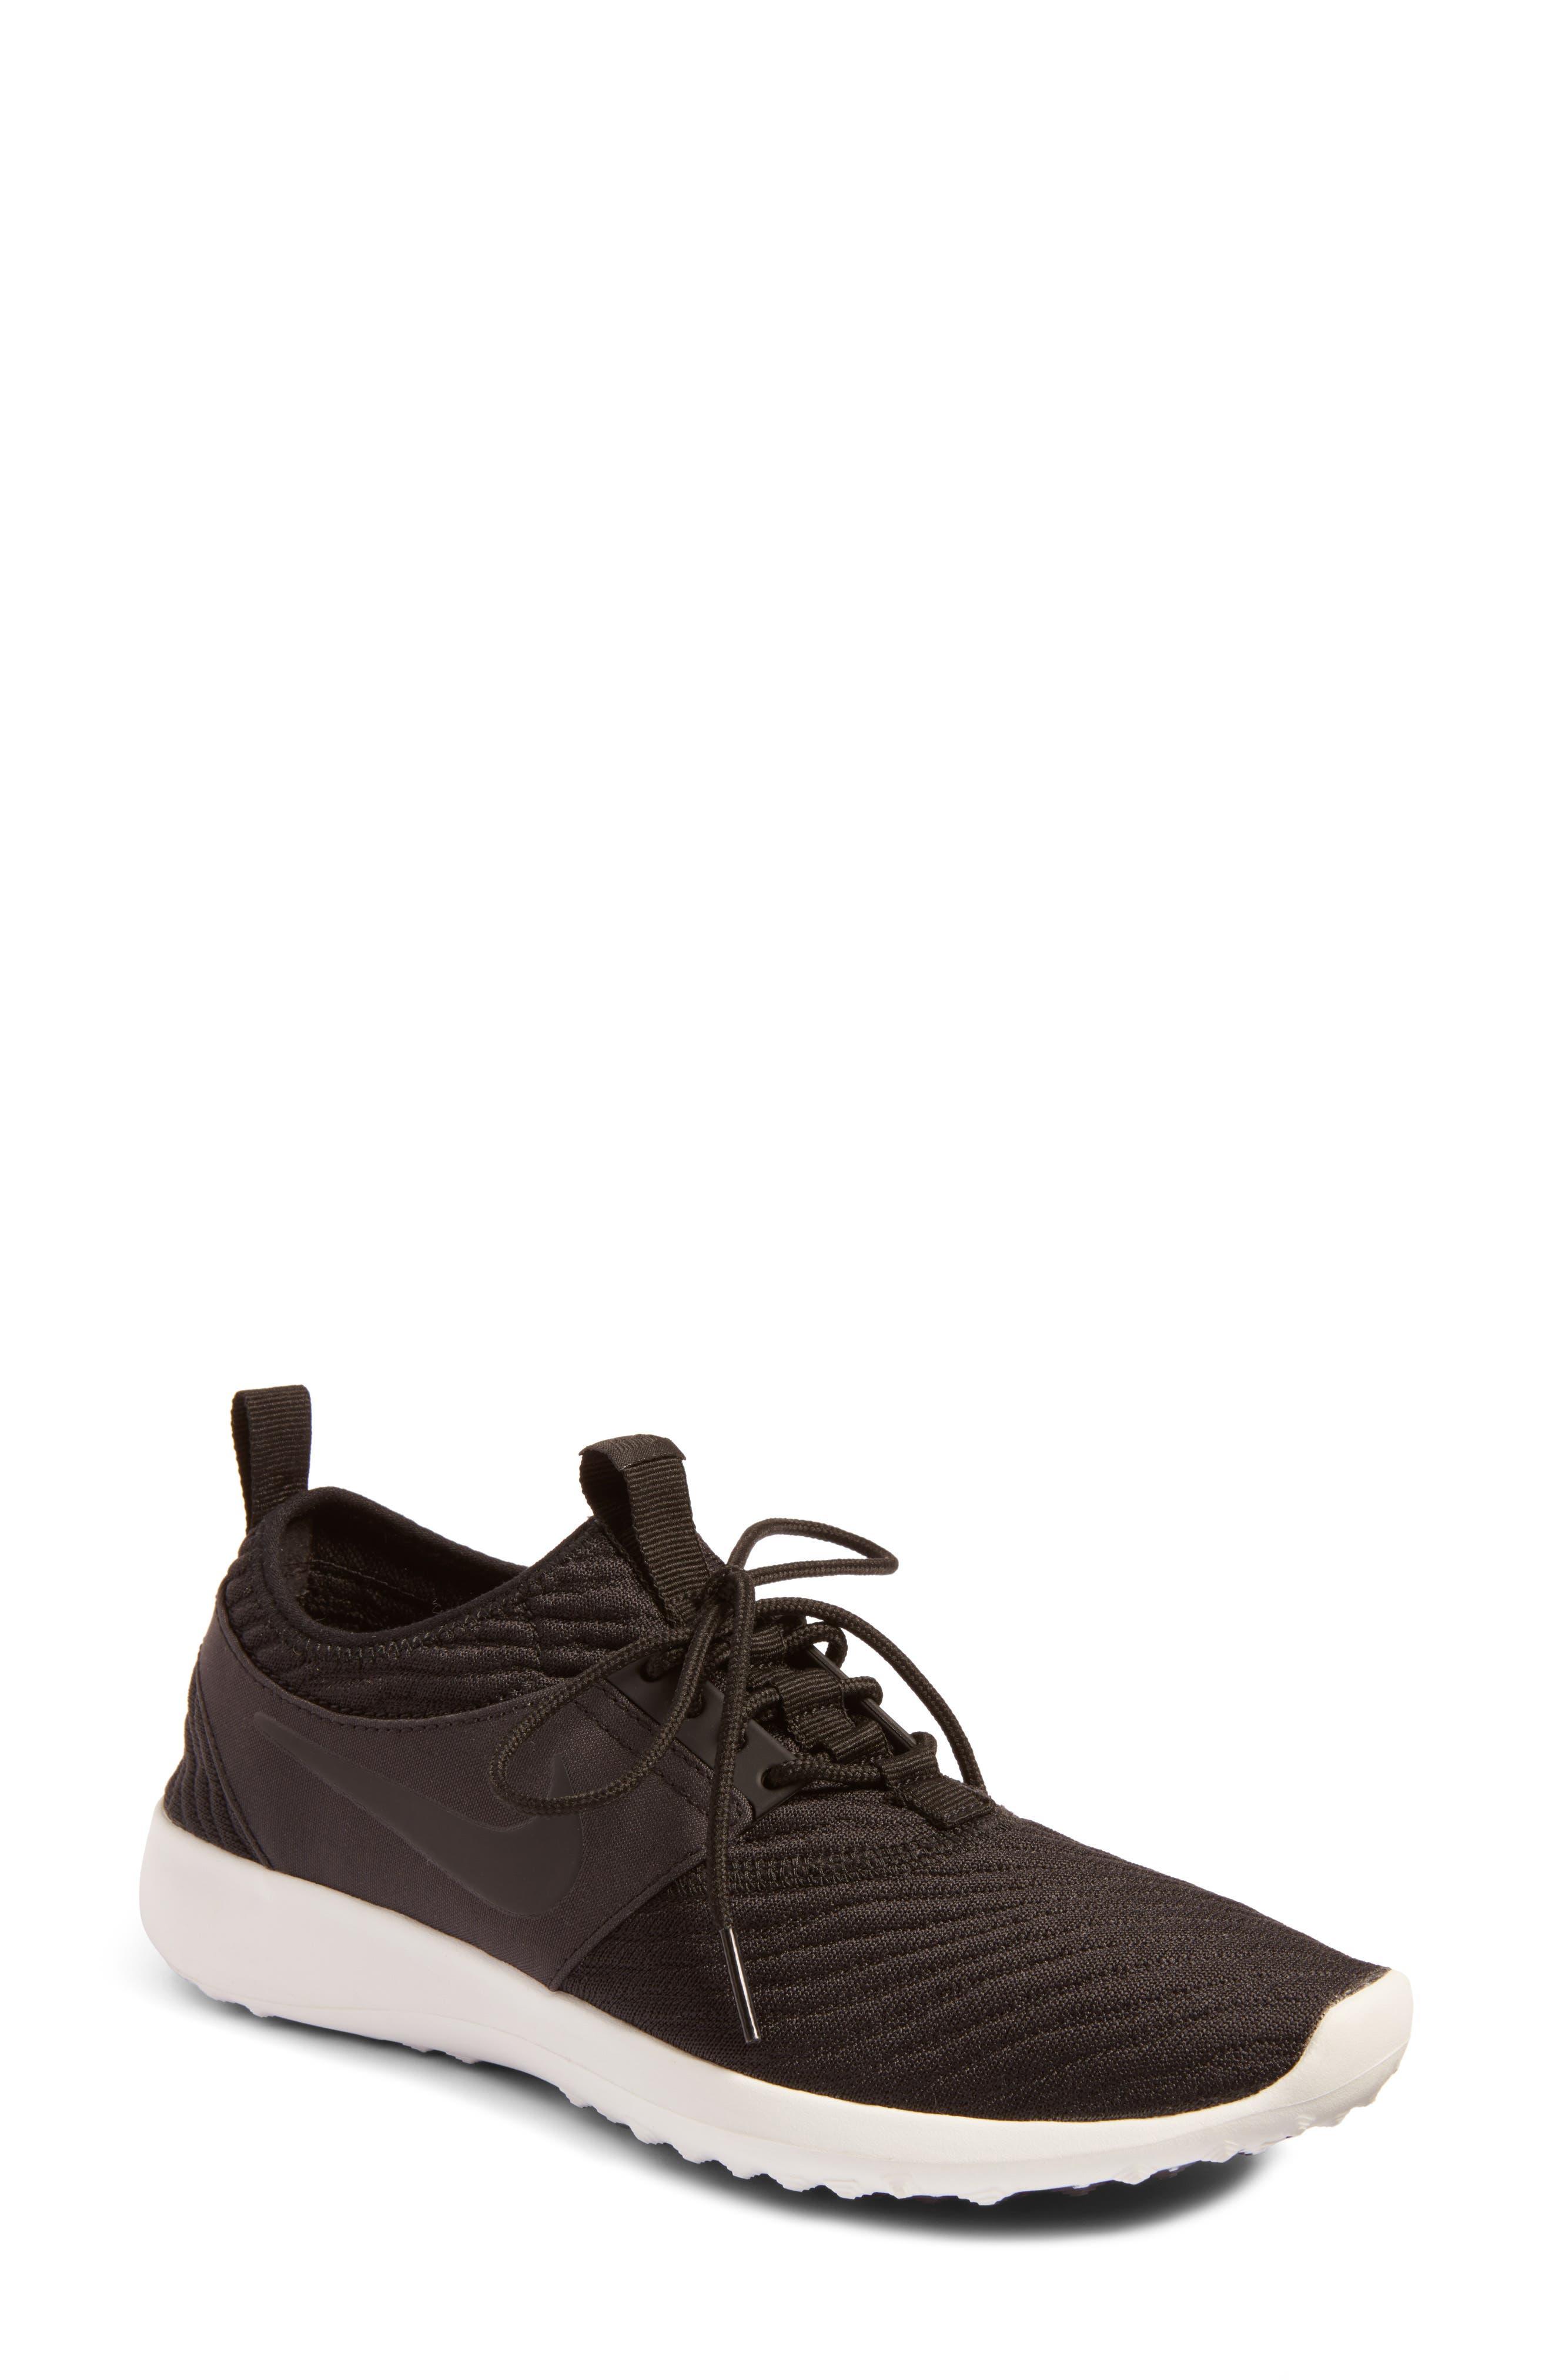 Juvenate SE Sneaker,                             Main thumbnail 1, color,                             Black/ Summit White